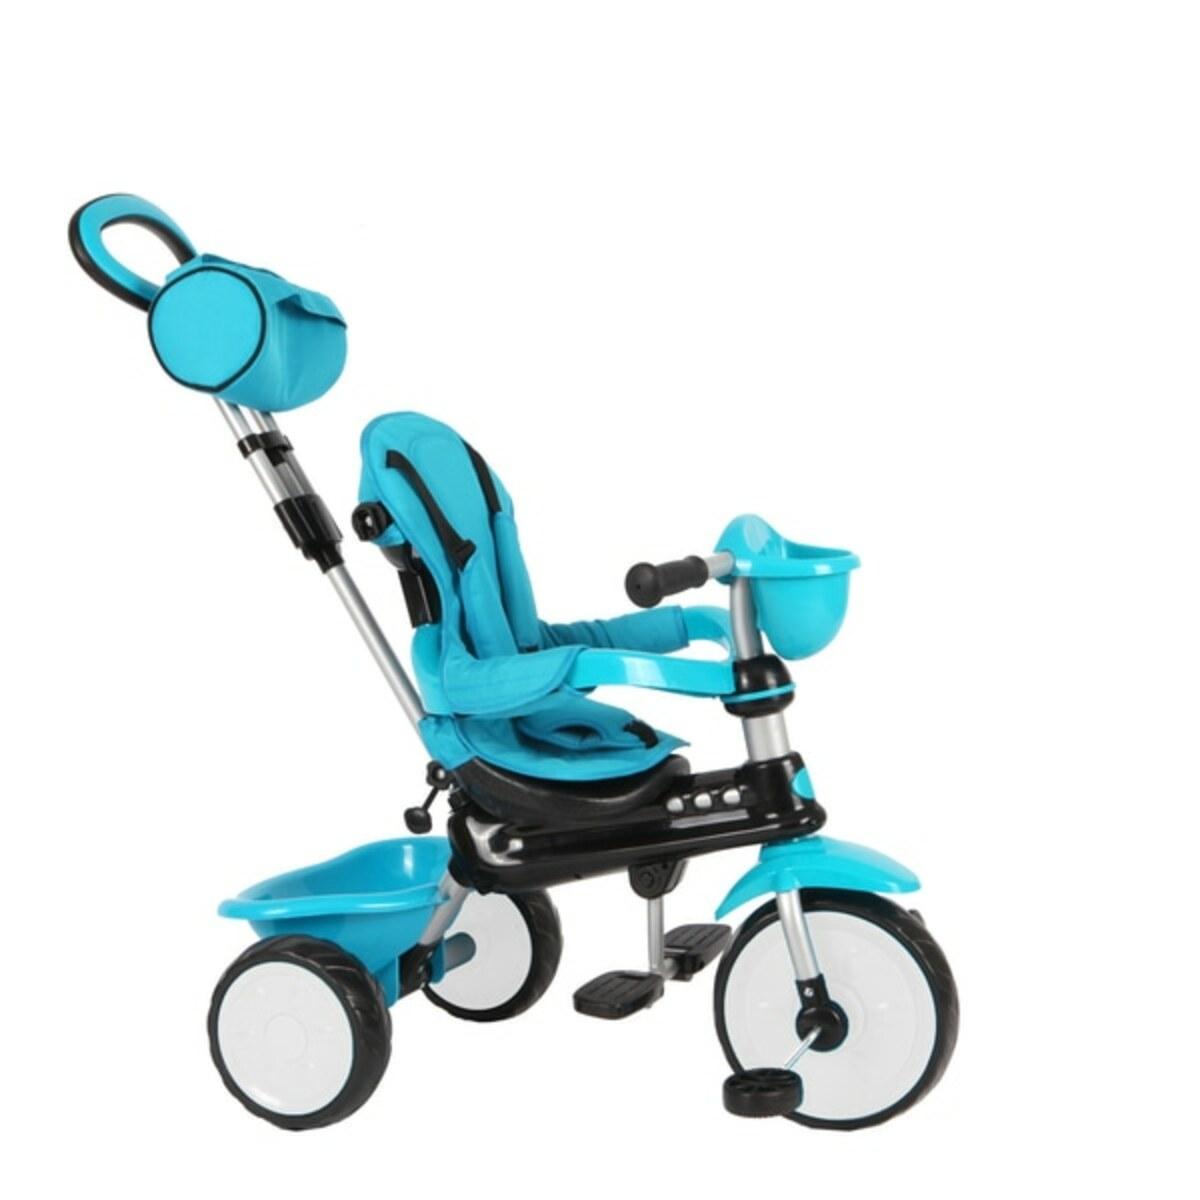 Bild 4 von QPlay - Dreirad Comfort 3in1, blau